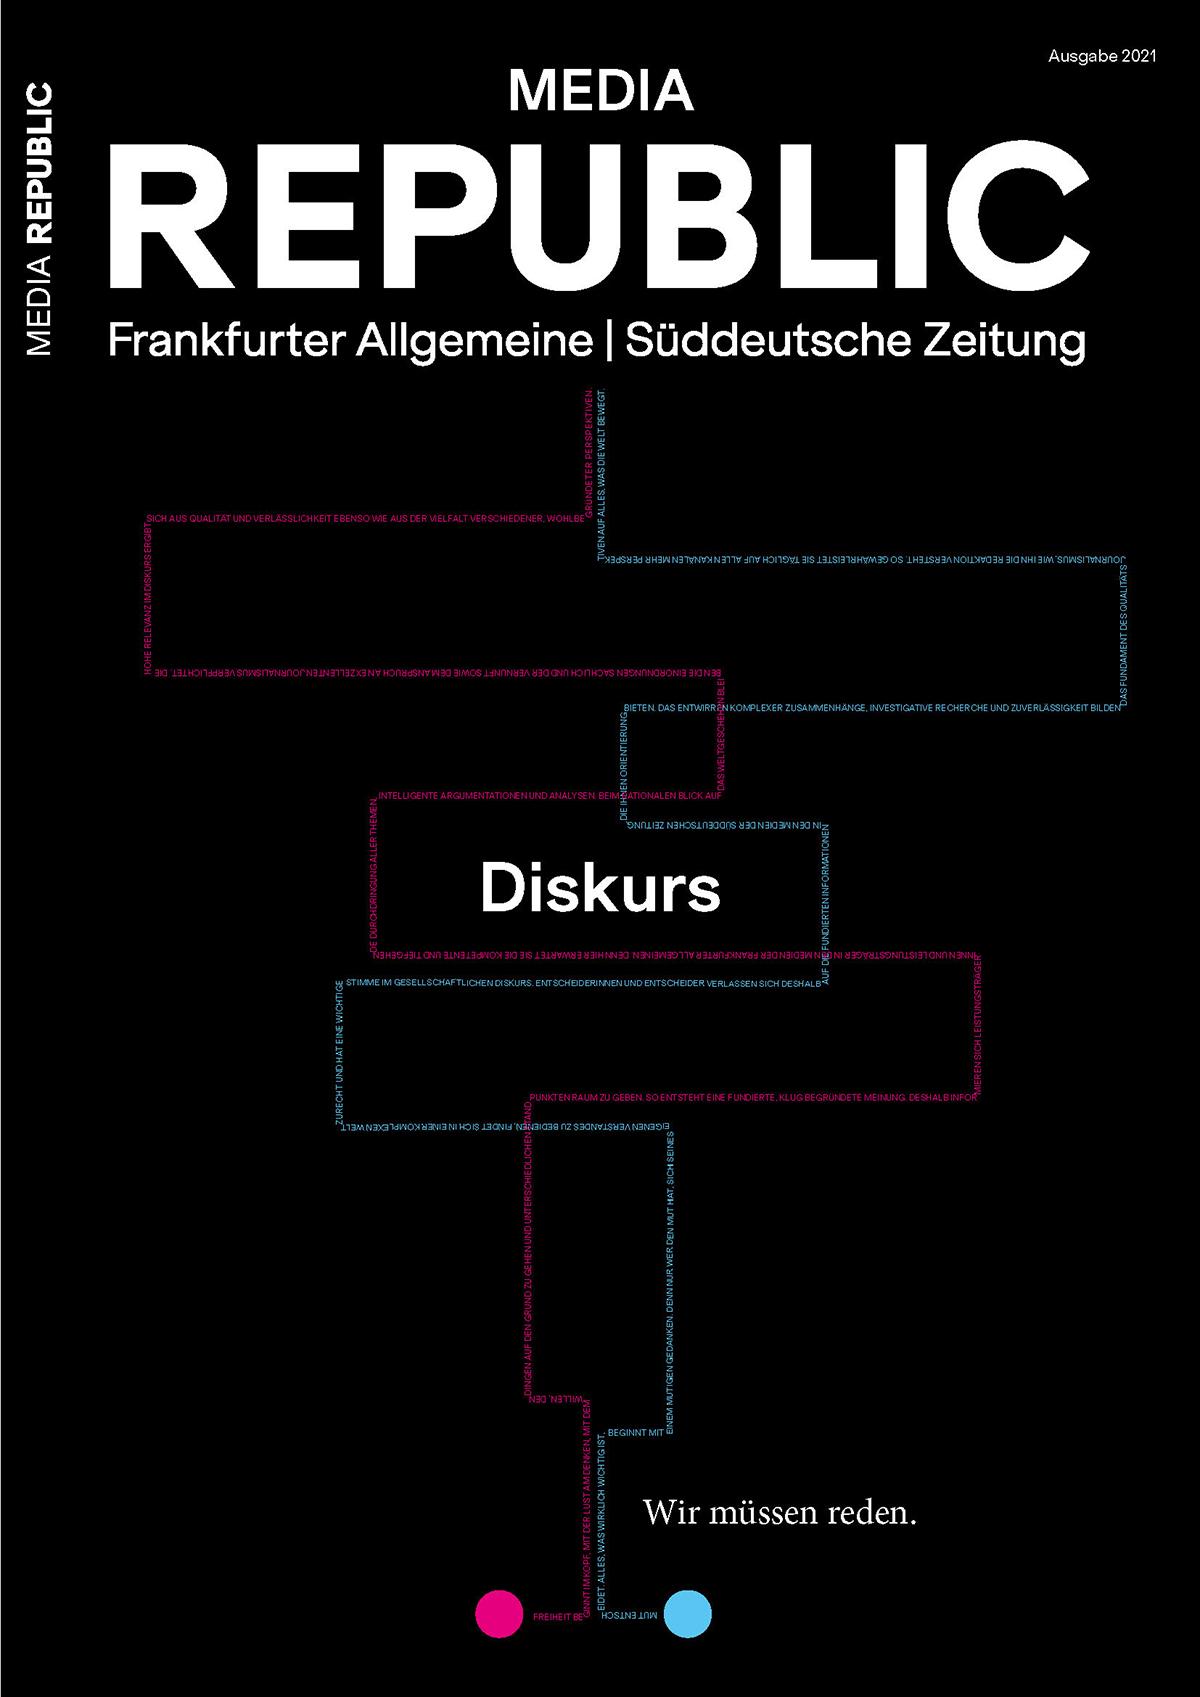 REPUBLIC MEDIA ist das neue Magazin des Vermarkters von Frankfurter Allgemeine und Süddeutscher Zeitung.